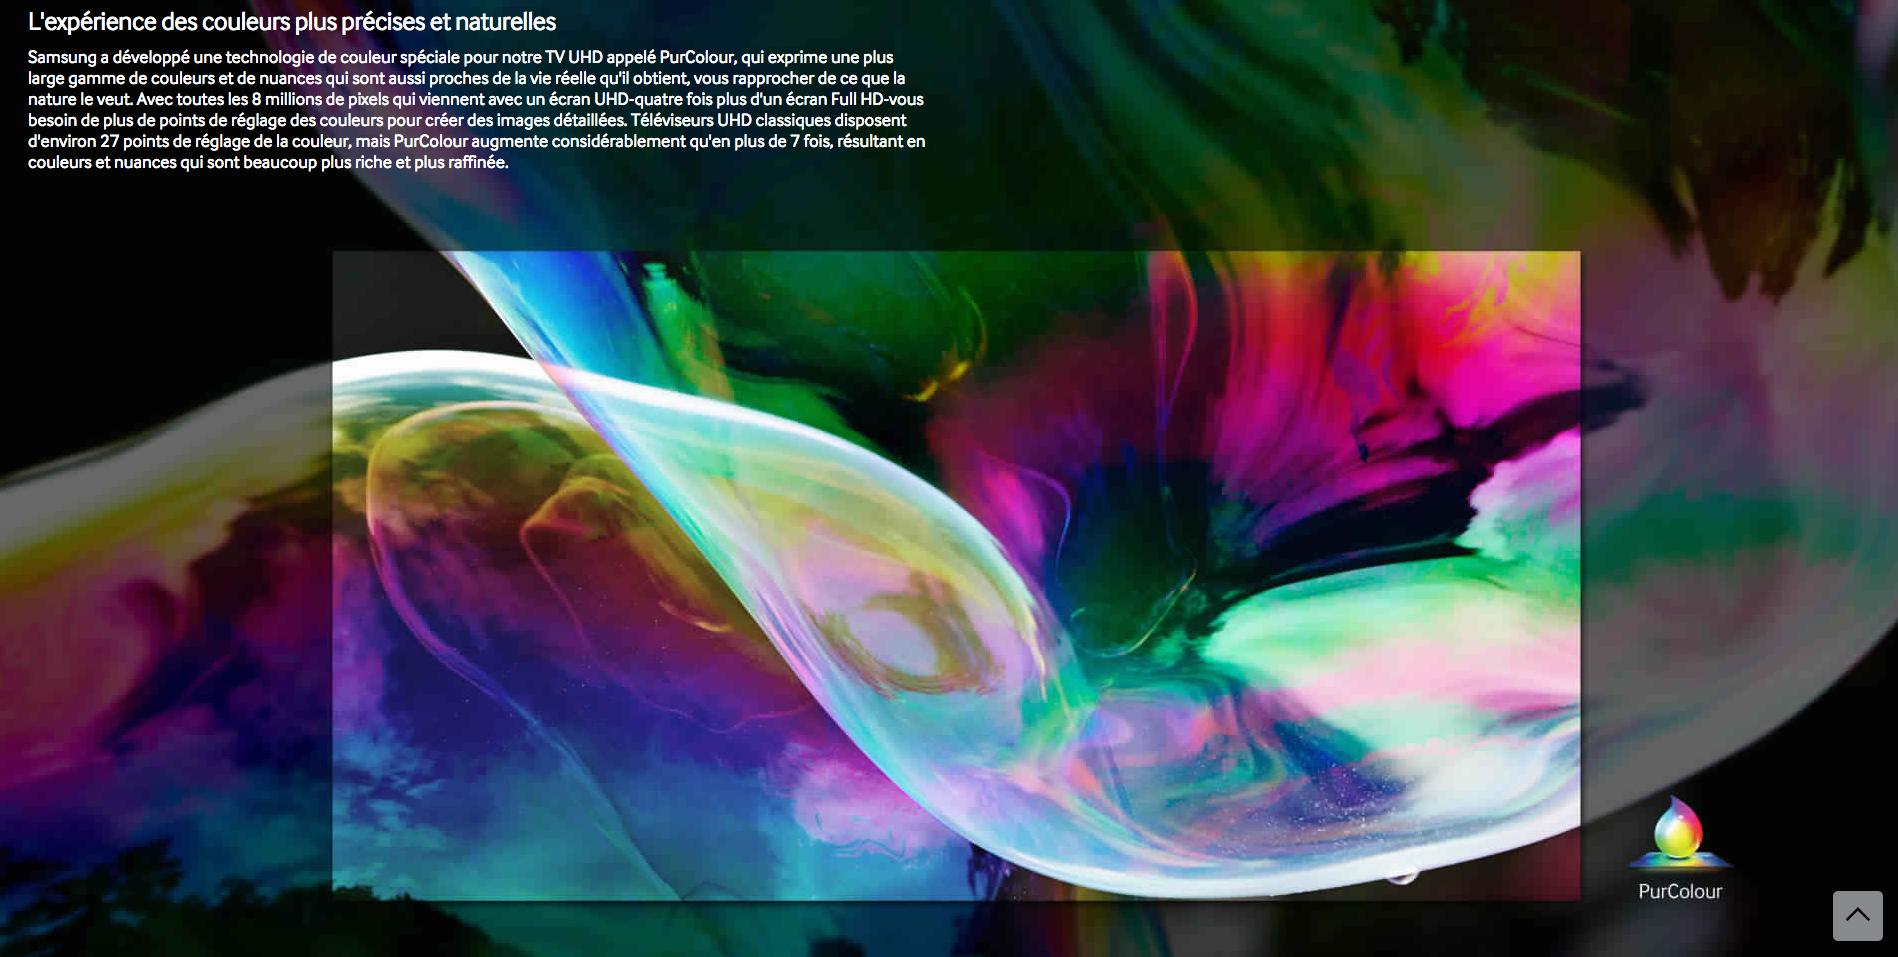 Profitez incroyable netteté de l'image et des détails dramatique avec 4X la résolution full HD.  Exprimant un plus large éventail de couleurs aussi proches de la nature que possible.  Propulsé par Tizen, la première plate-forme Smart TV est maintenant plus rapide et plus lisse.